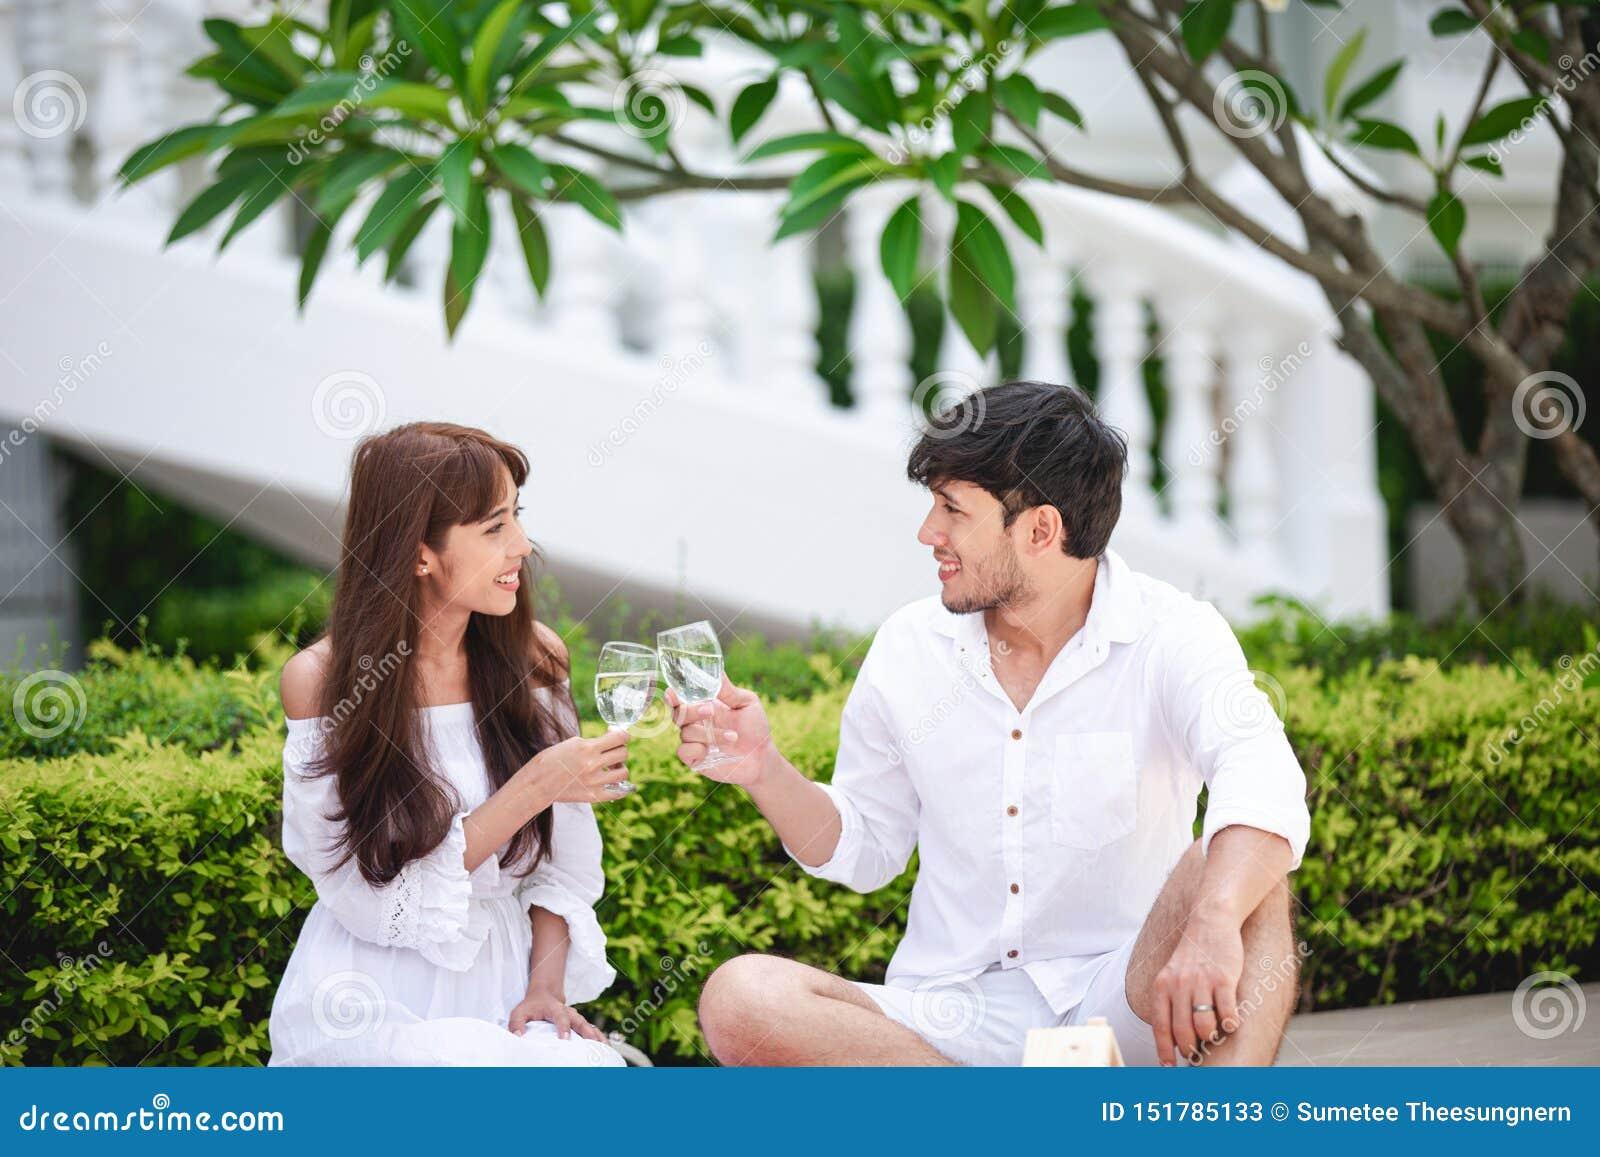 Szcz??liwy Romantyczny para kochanek opowiada wino i pije podczas gdy mie? pinkin w domu